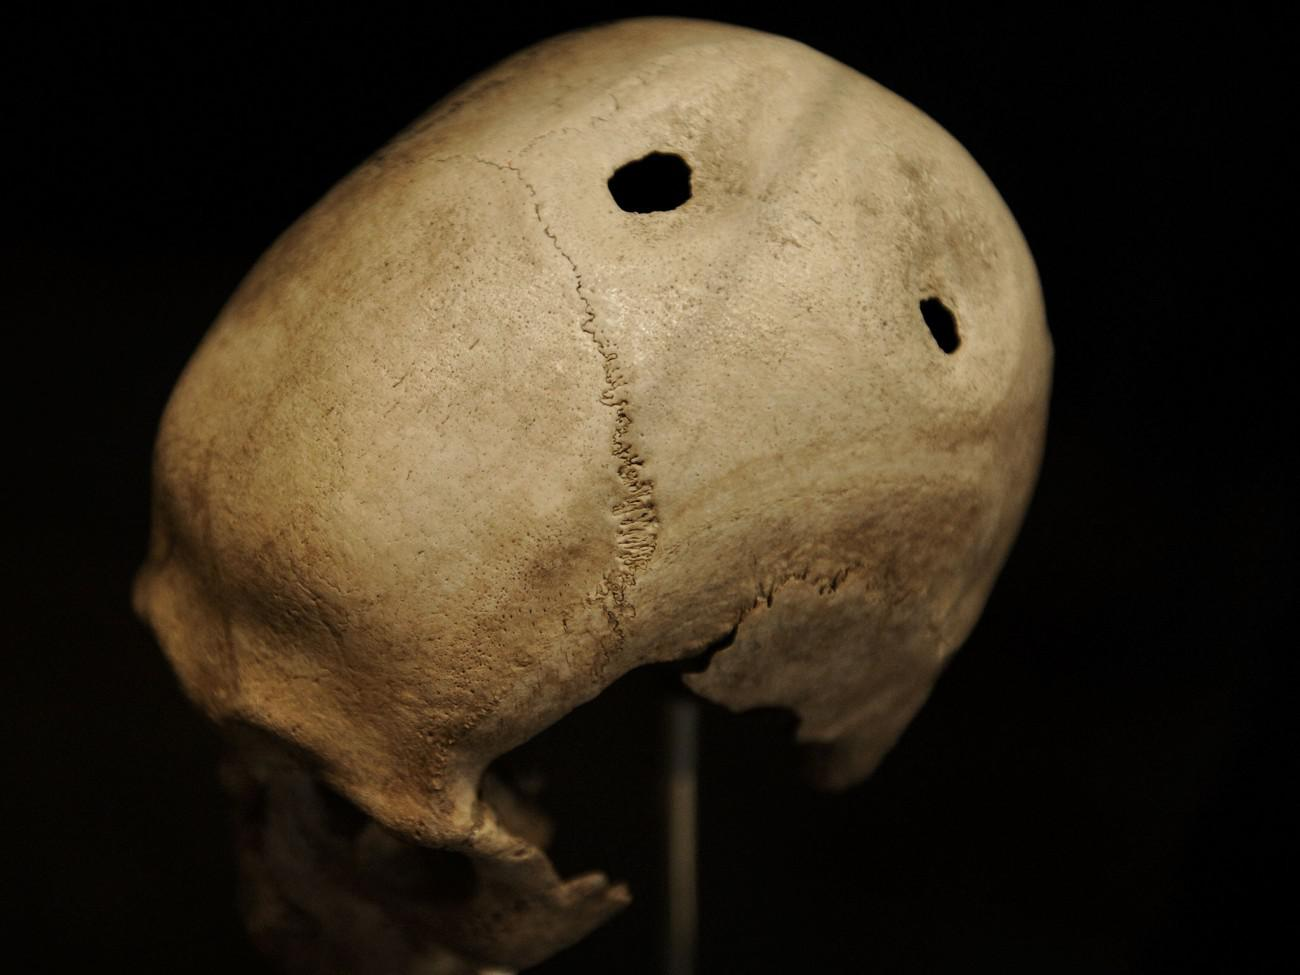 Αποτέλεσμα εικόνας για Μυστήρια της ανθρωπότητας: Γιατί οι πρόγονοι μας τρυπούσαν τα κρανία τους;